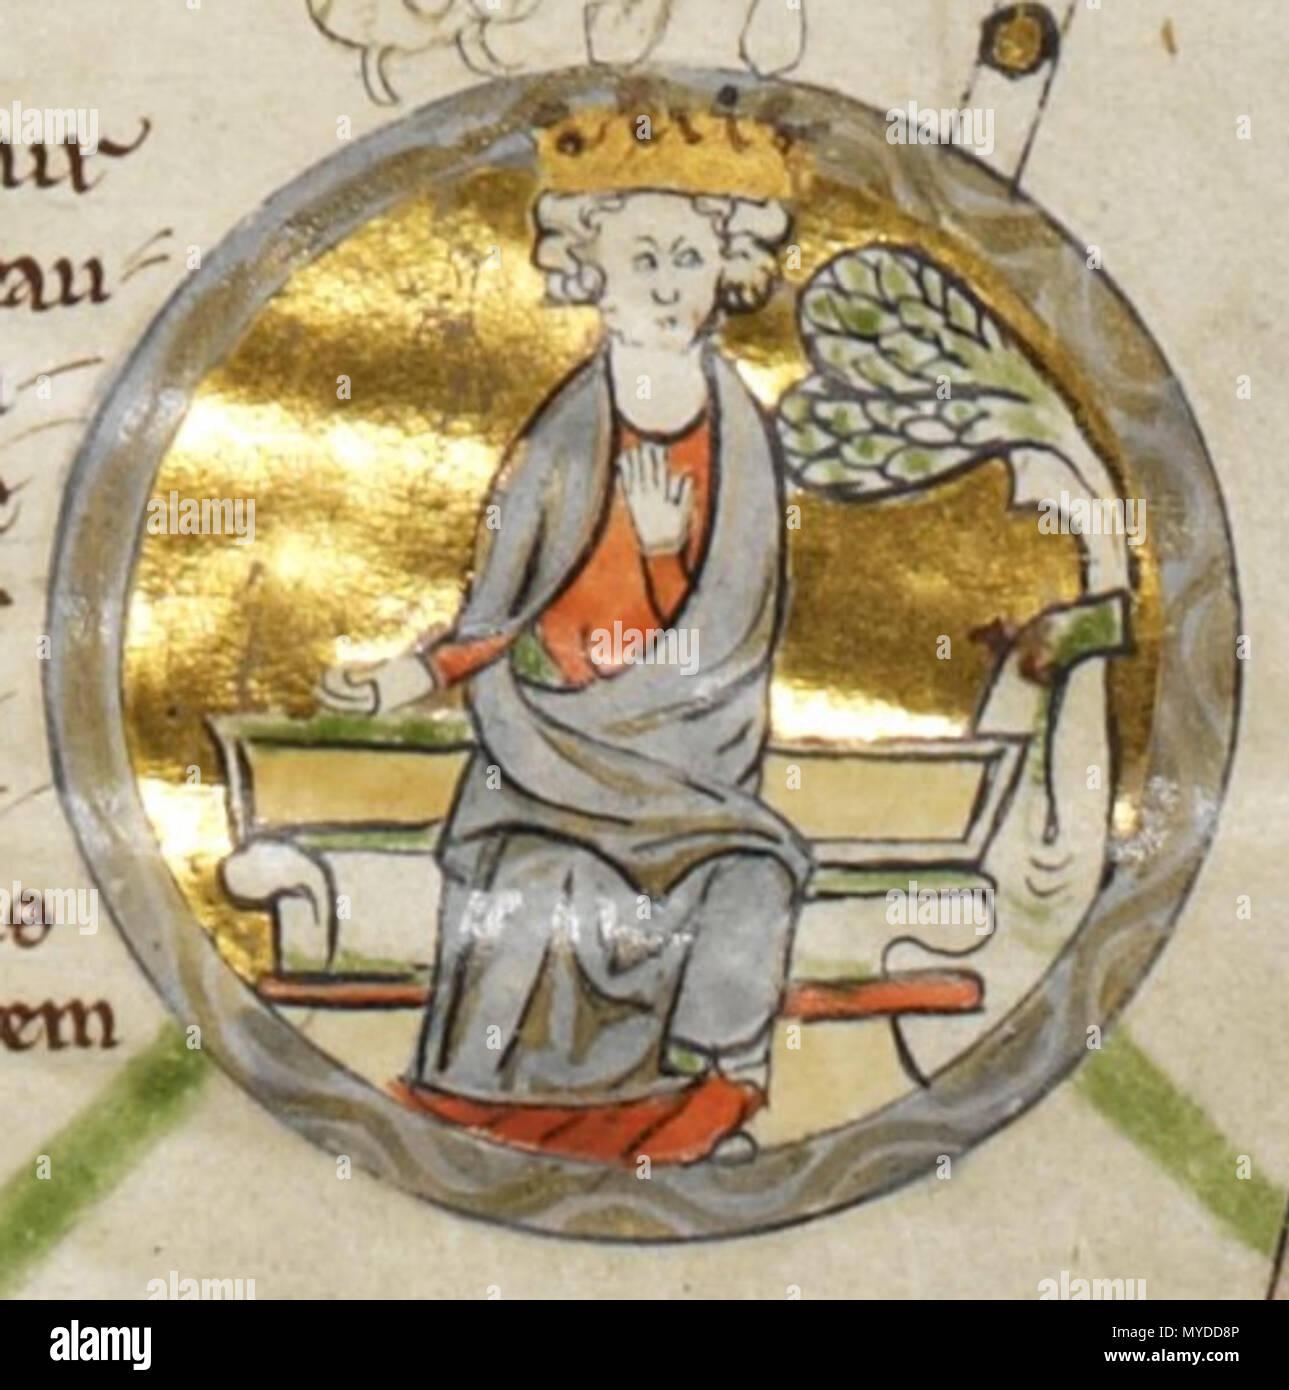 . Français: Miniature d'Edmond Ier d'Angleterre dans une généalogie royale du XIIIe siècle. 2 September 2013, 19:09:03. Unknown 153 Edmund I - MS Royal 14 B V - Stock Image